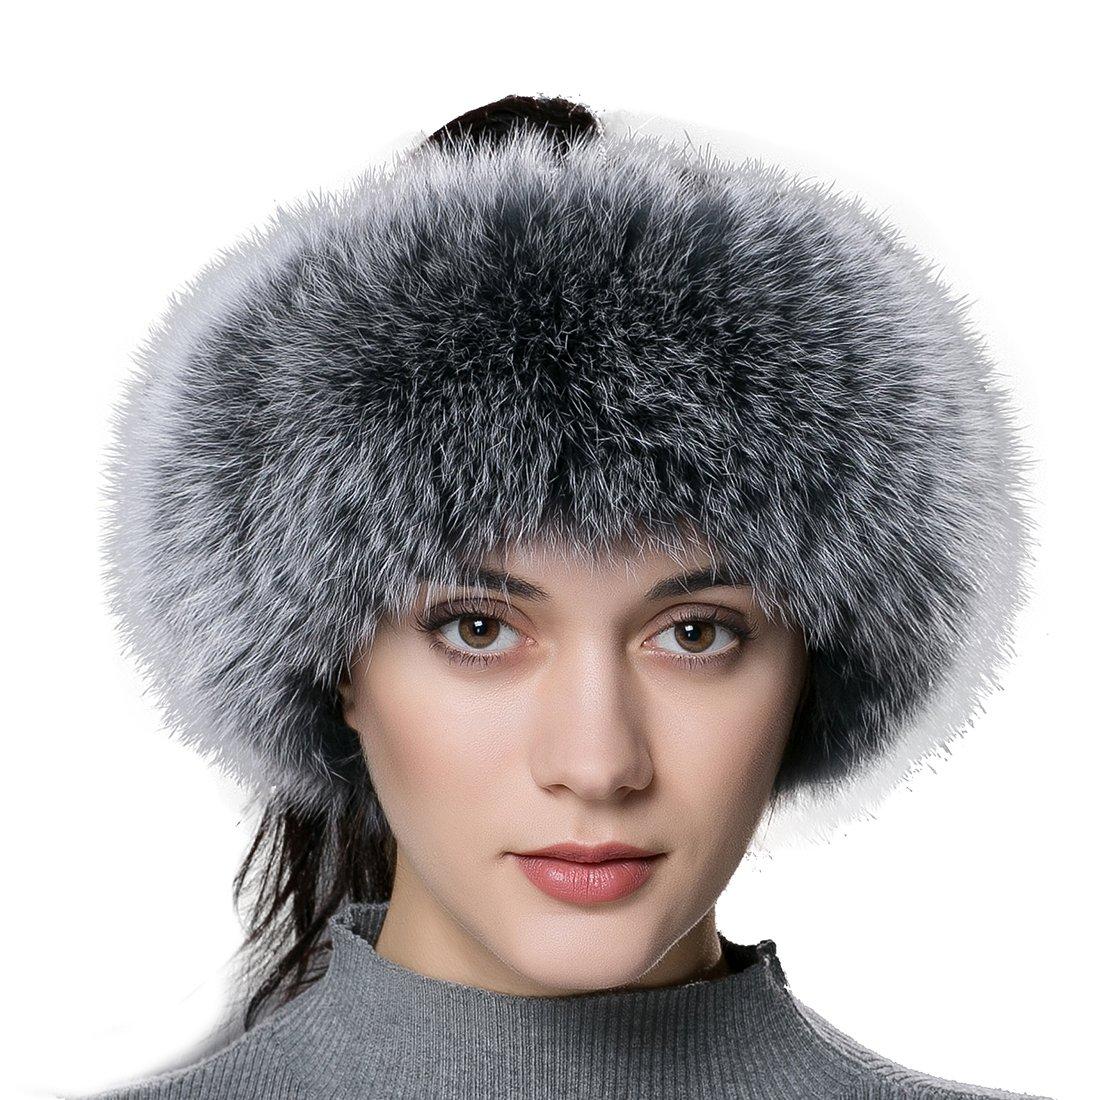 URSFUR Winter Fur Headband Women Warm Real Fox Fur Knitted Headband Earmuffs Gray Frost